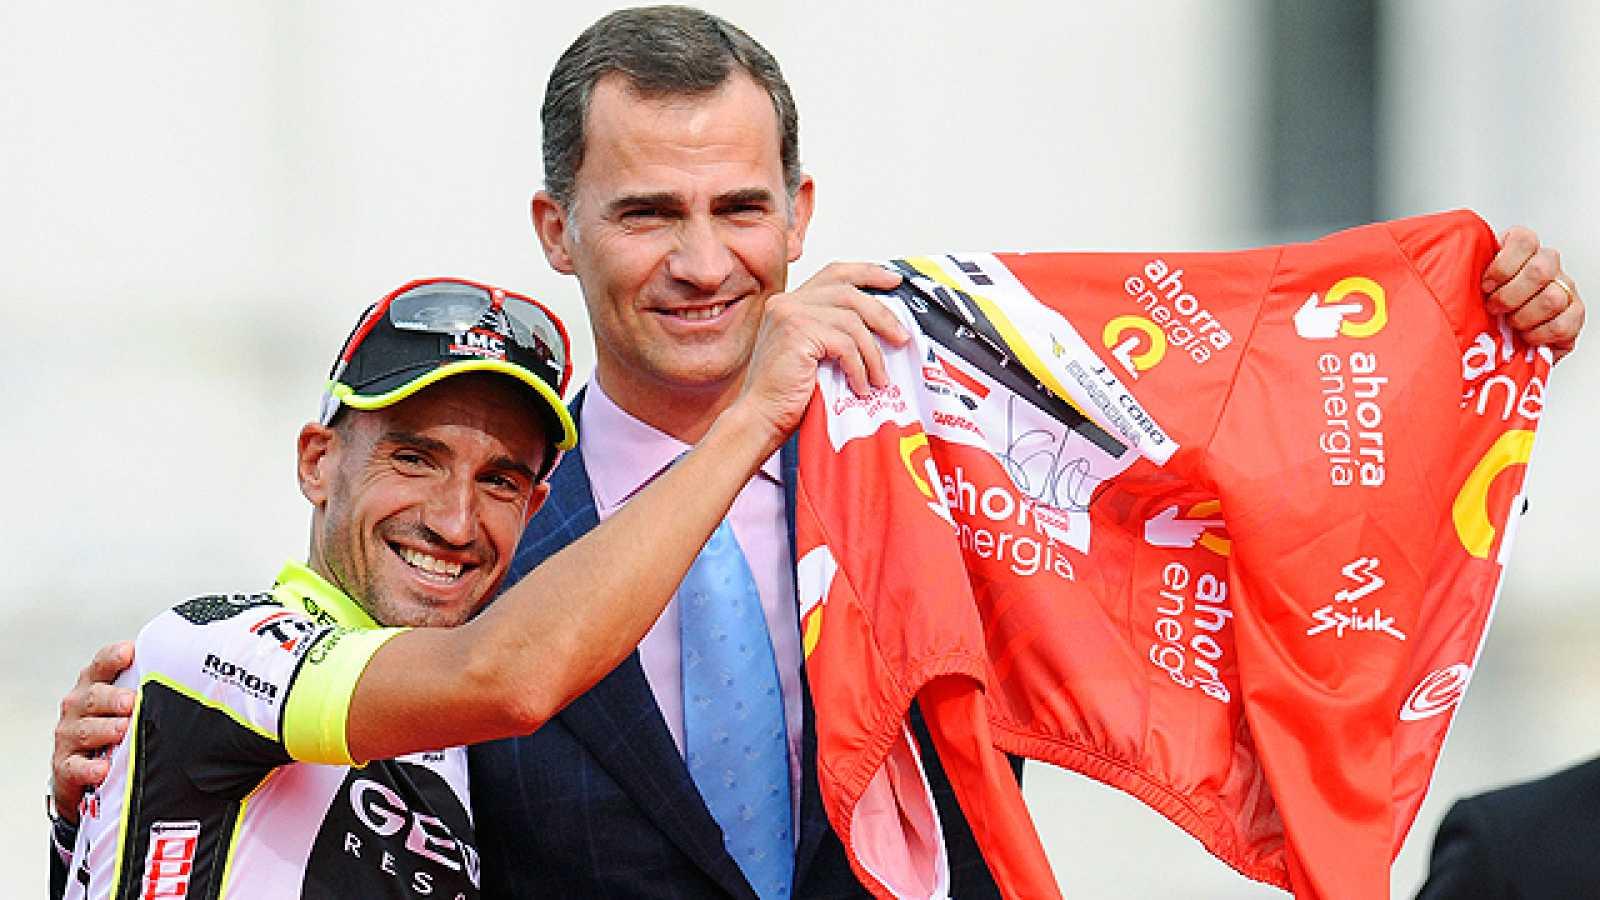 El himno español sonó finalmente en el podio de Cibeles en homenaje al campeón a Juanjo Cobo. Dos británicos: Chris Froome y Bradley Wiggins acompañaron al cántabro en el cajón.